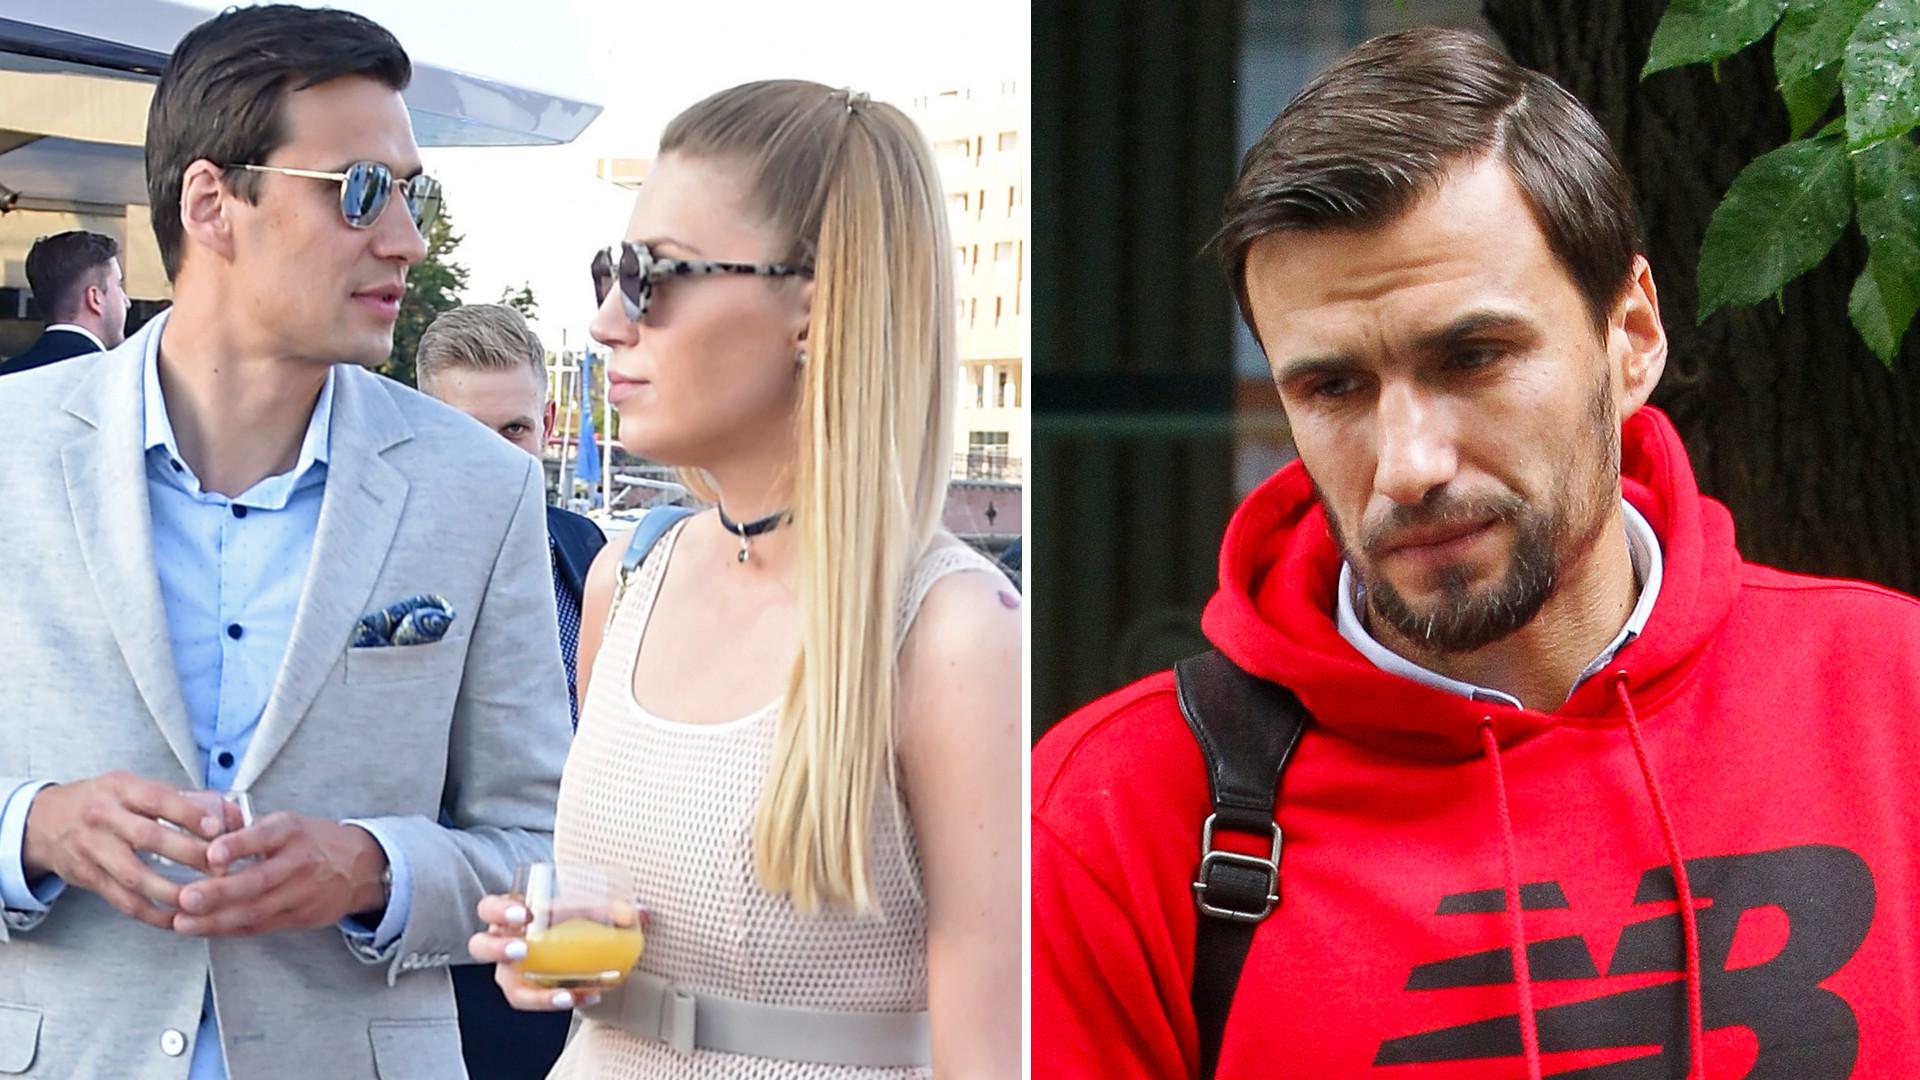 Martyna Gliwińska jest w ciąży, twierdzi, że ojcem dziecka jest Jarosław Bieniuk – podaje Na żywo